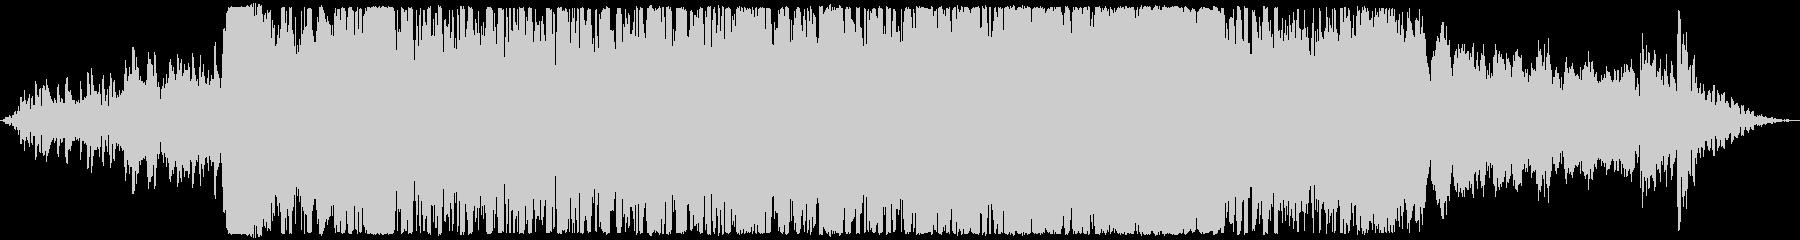 アンビエント 実験的な ドラマチッ...の未再生の波形